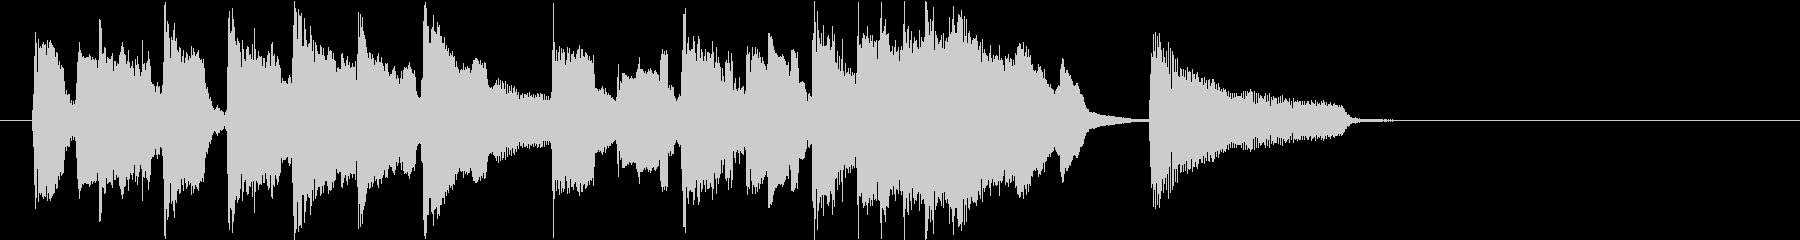 アコギと笛の牧歌的ジングル(15秒)の未再生の波形